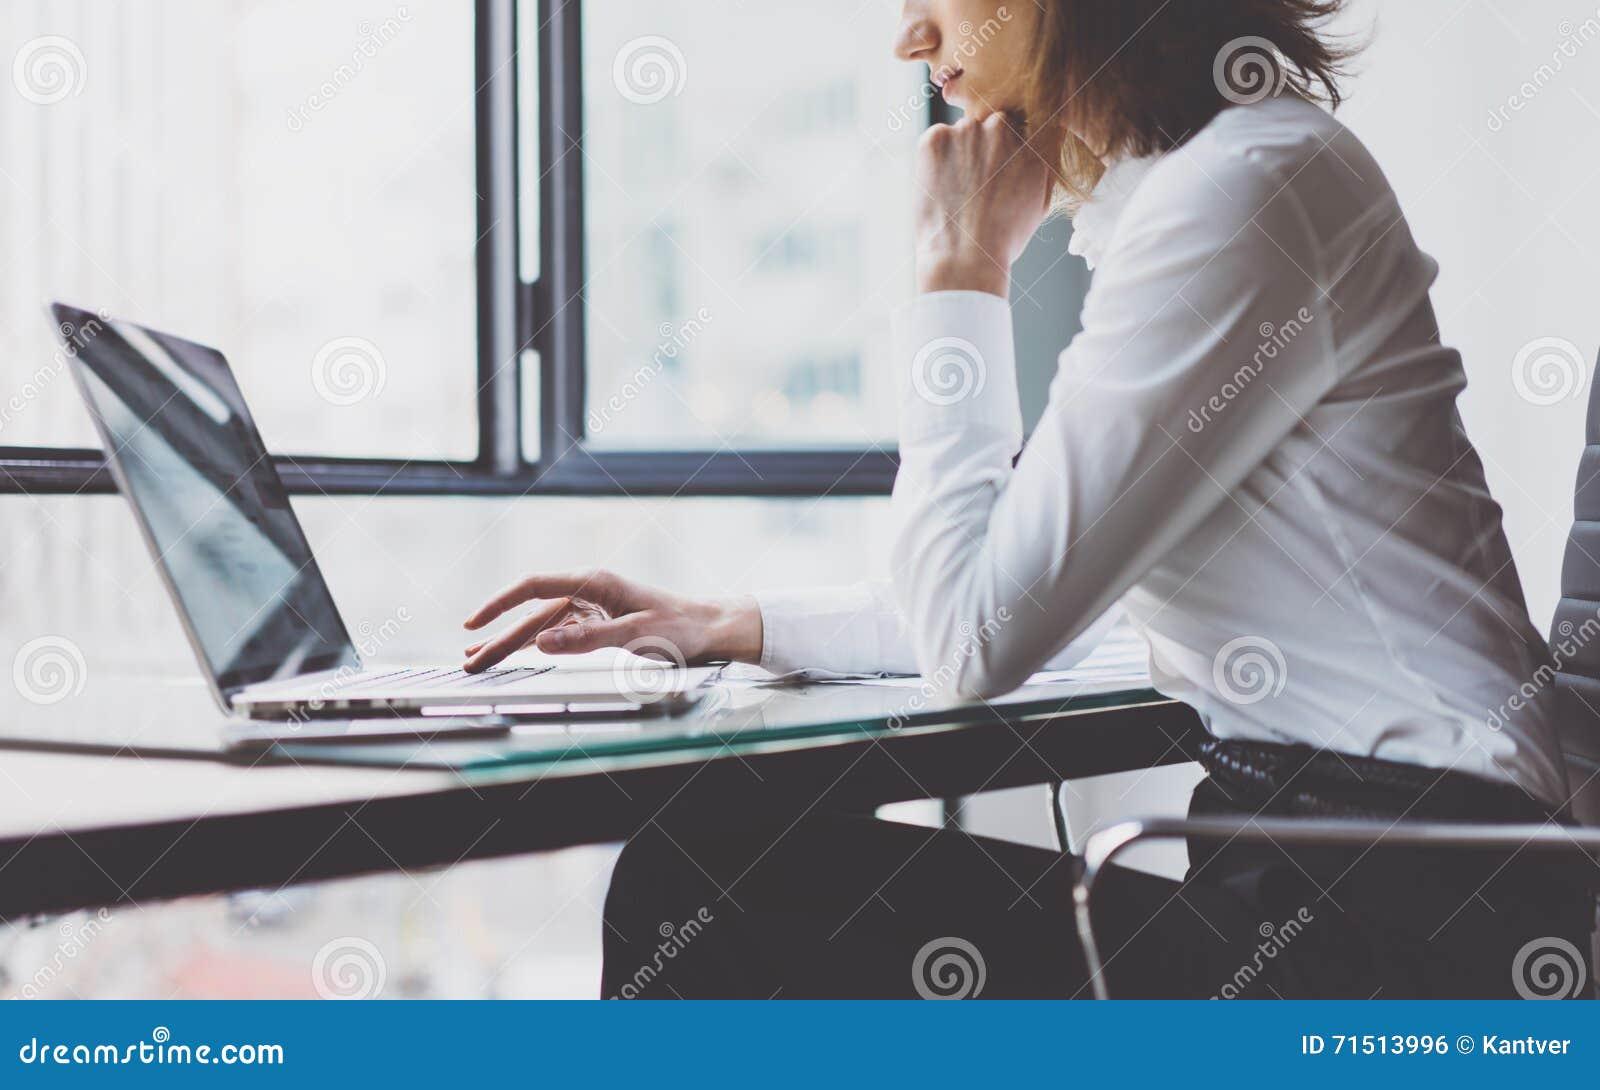 Procédé de travail dans le bureau moderne gestionnaire de